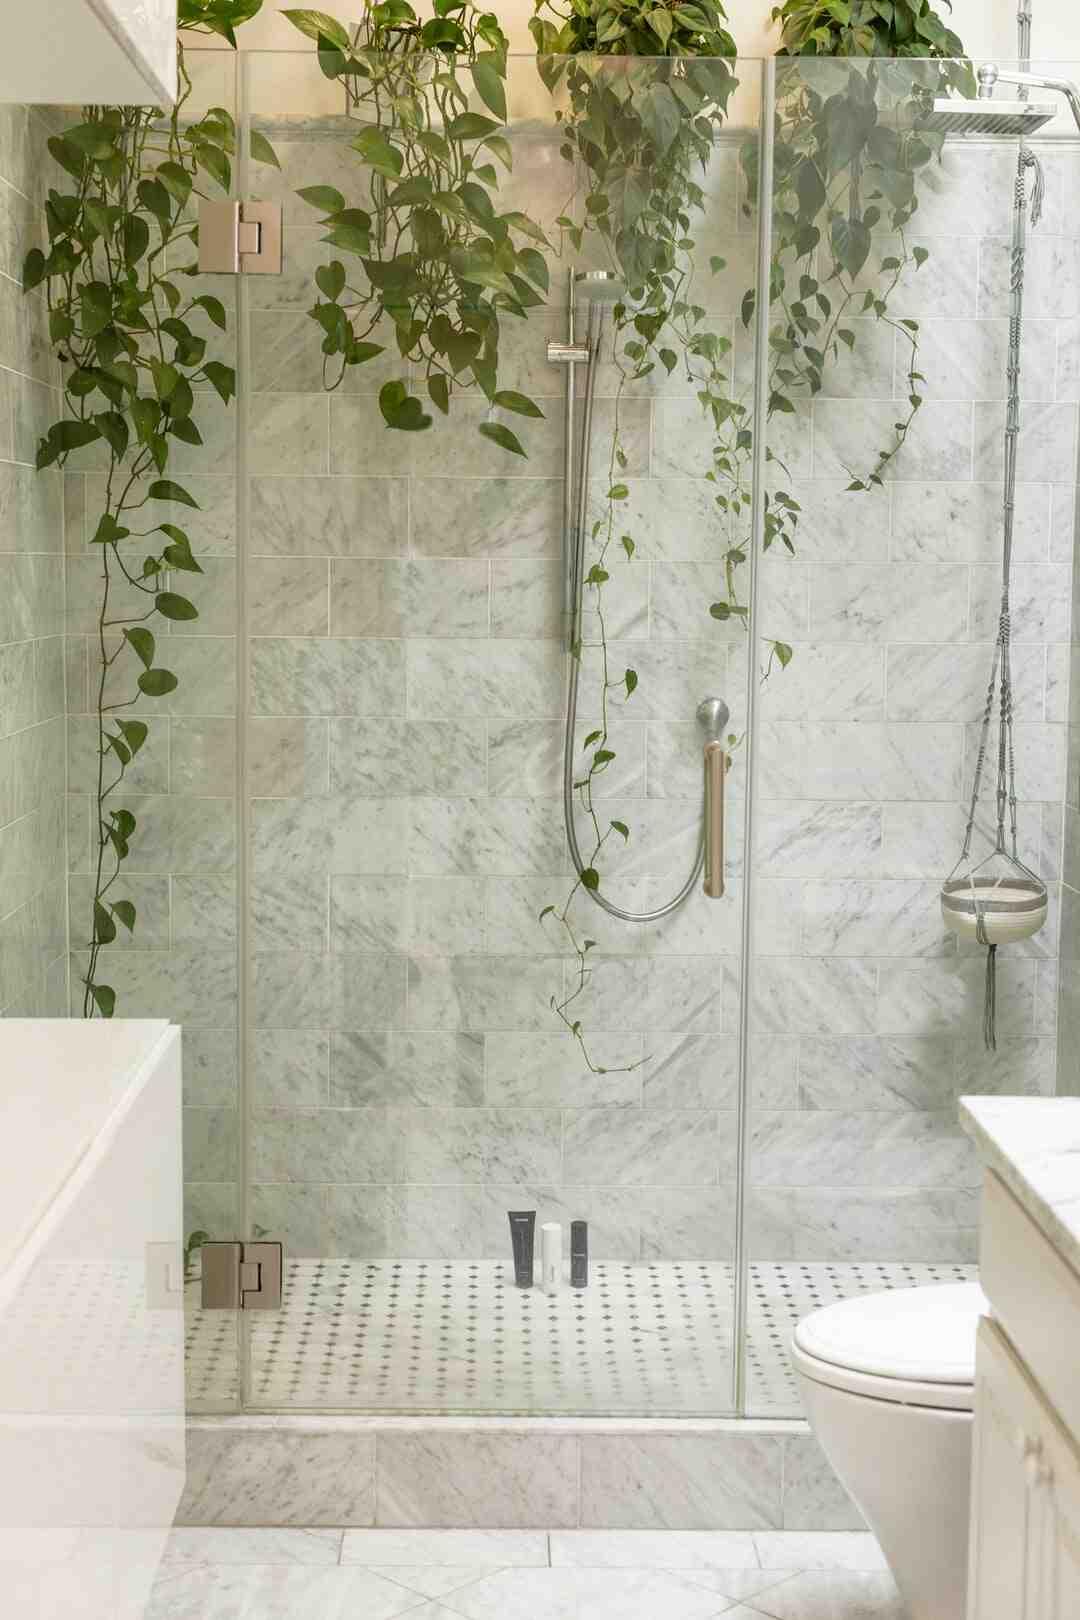 Comment faire plomberie salle de bain